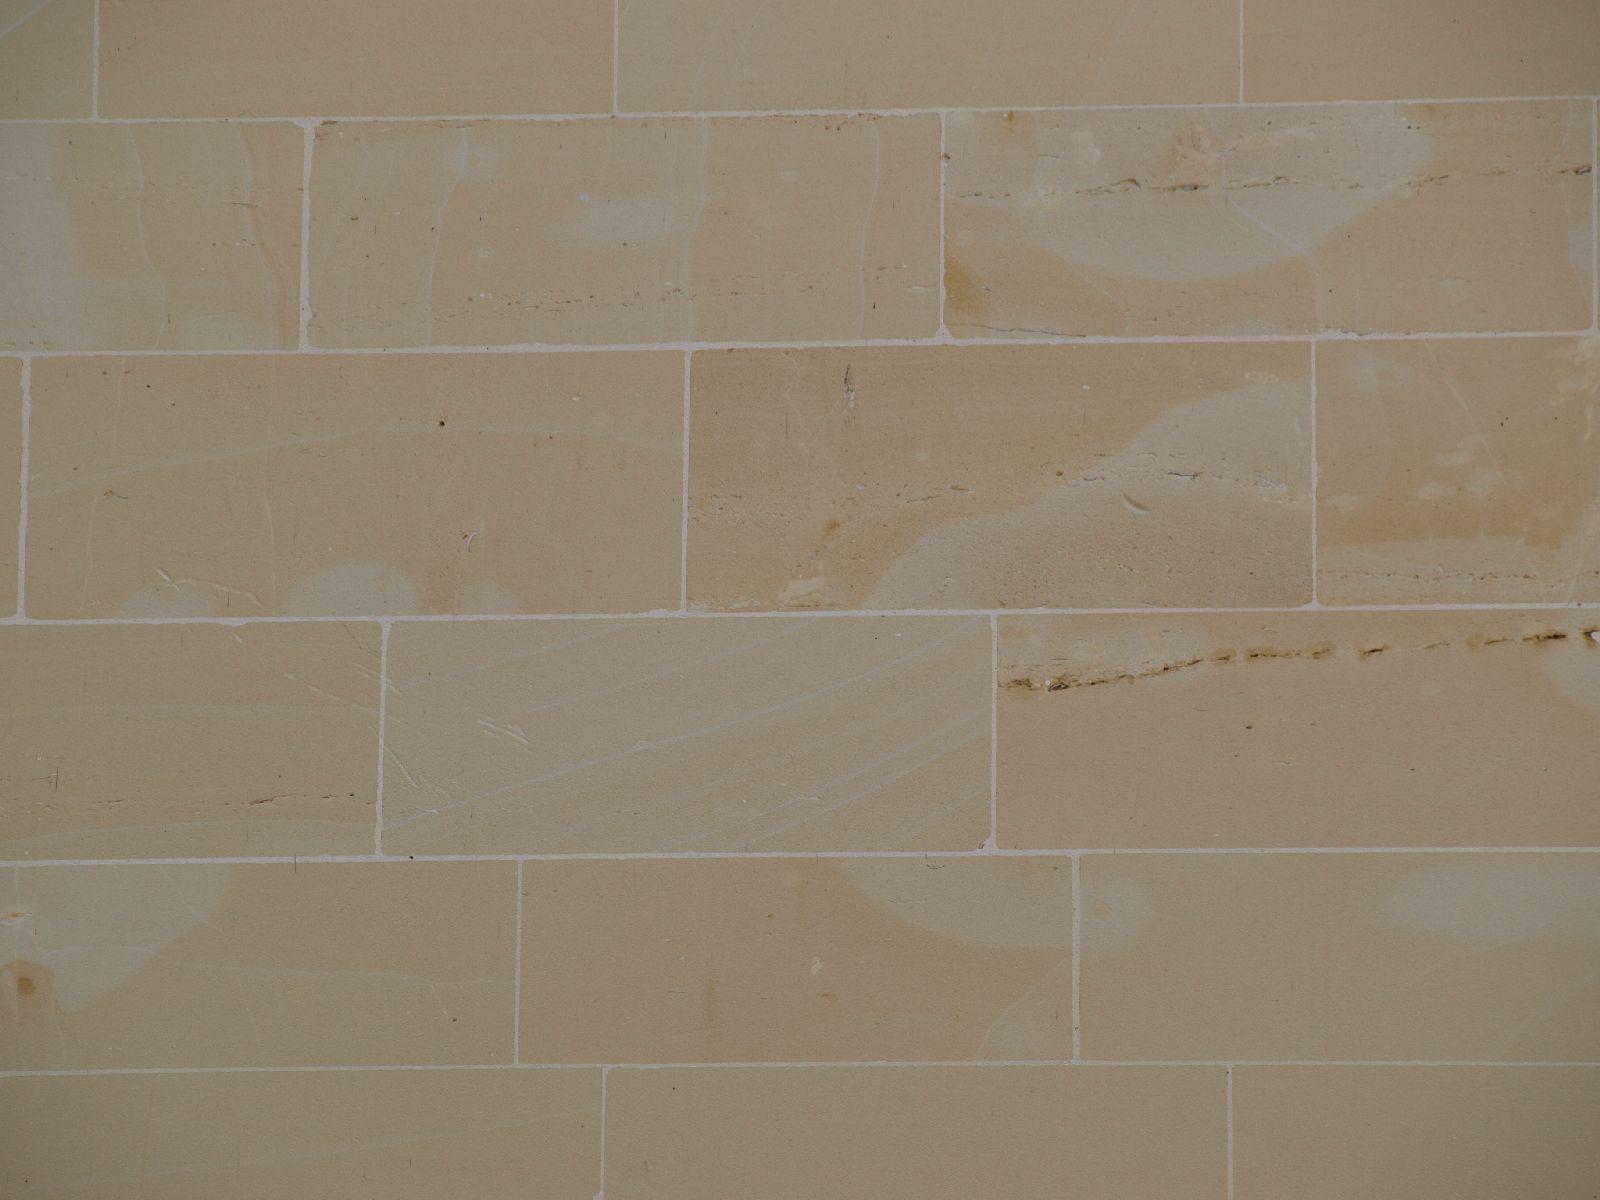 Wand-Steinbloecke-Quader_Textur_A_P6137442